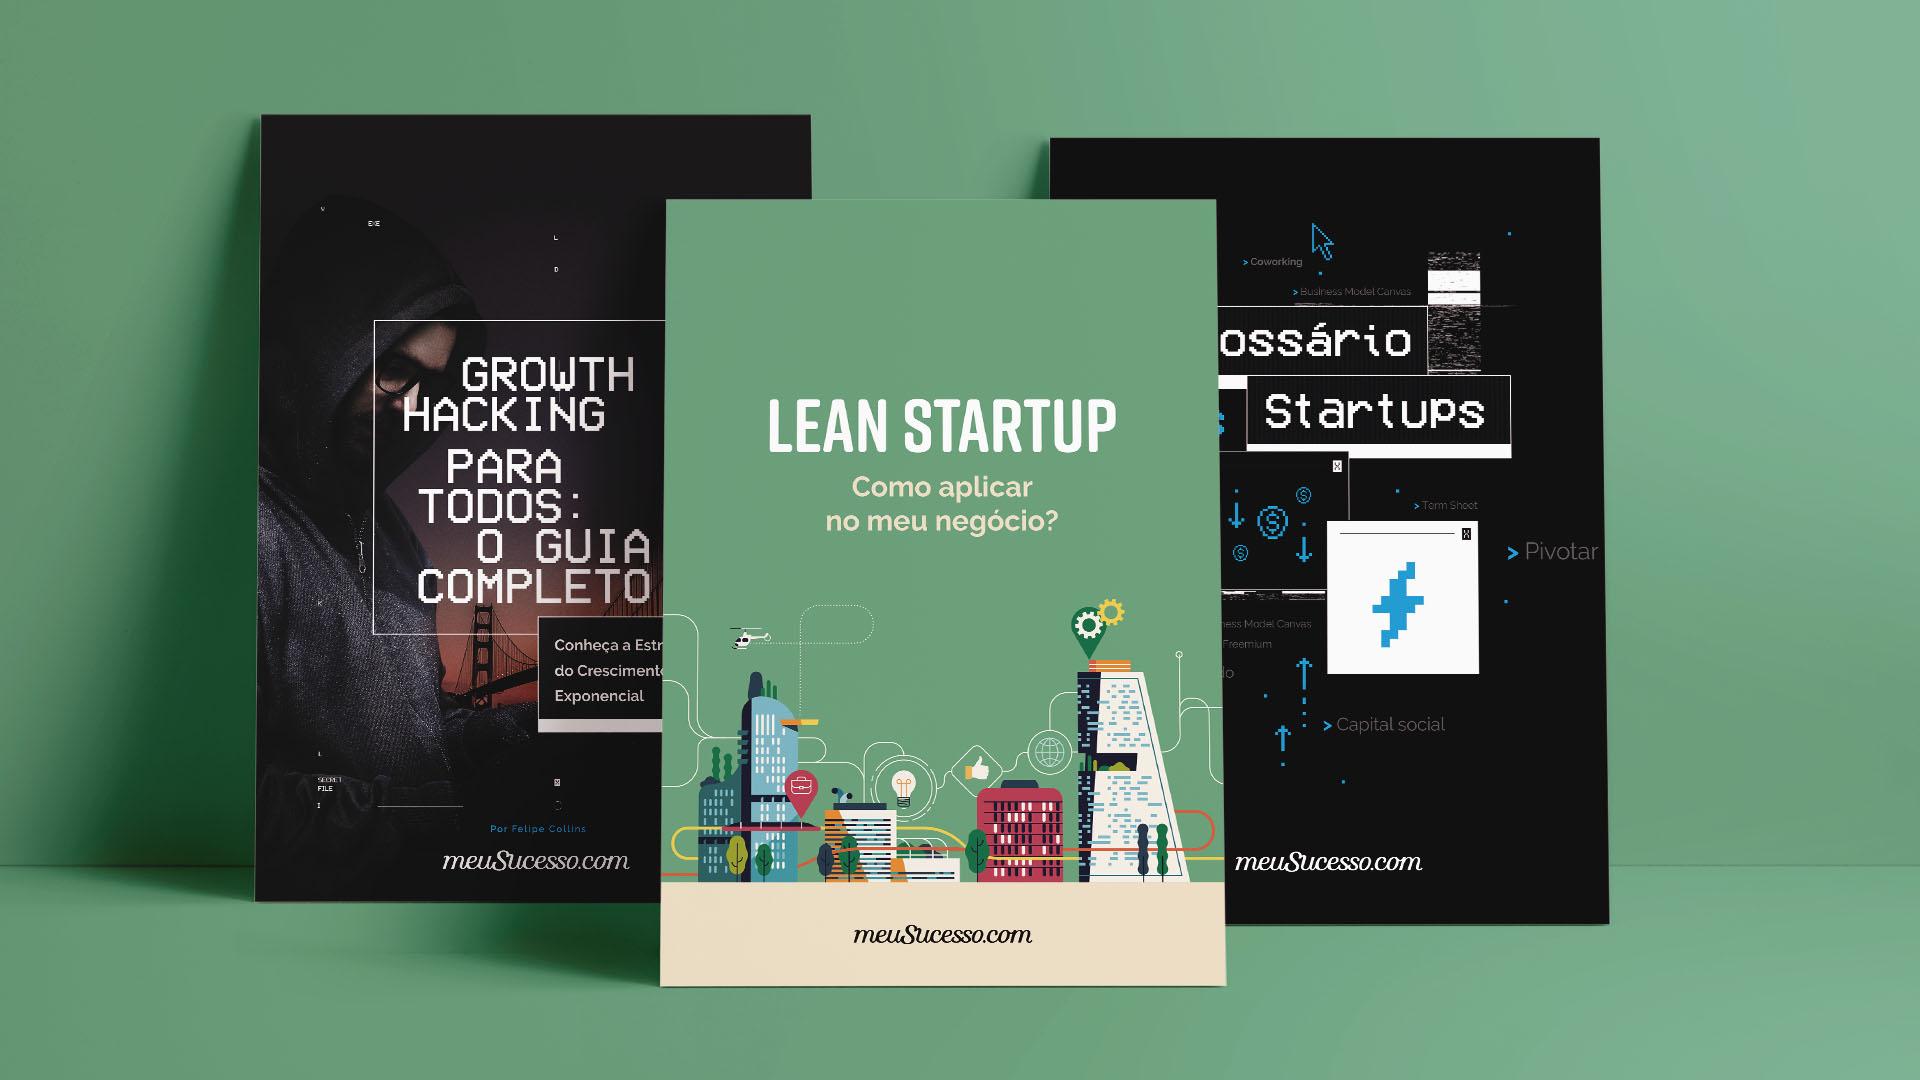 Startup: 3 guias sobre estratégias de crescimento para a sua empresa